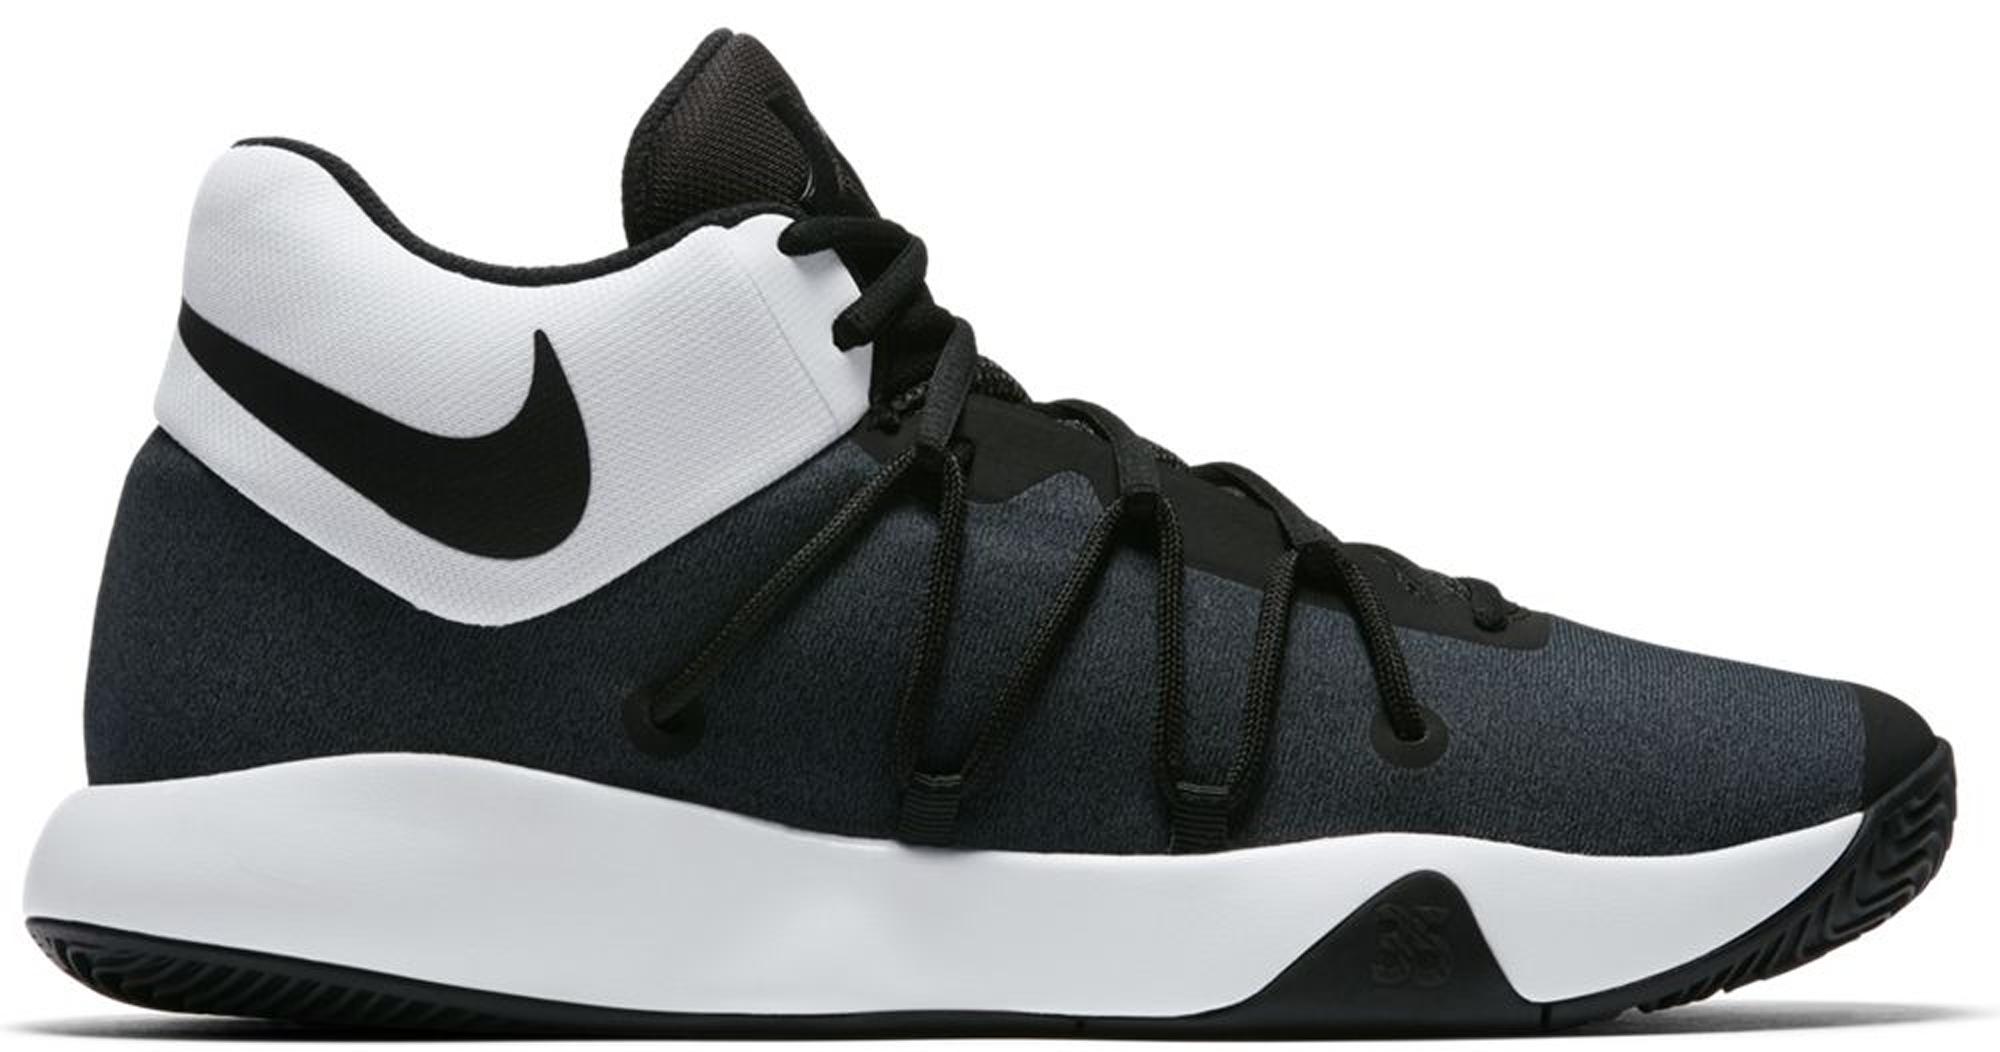 Nike KD Trey 5 V Black White - 897638-012